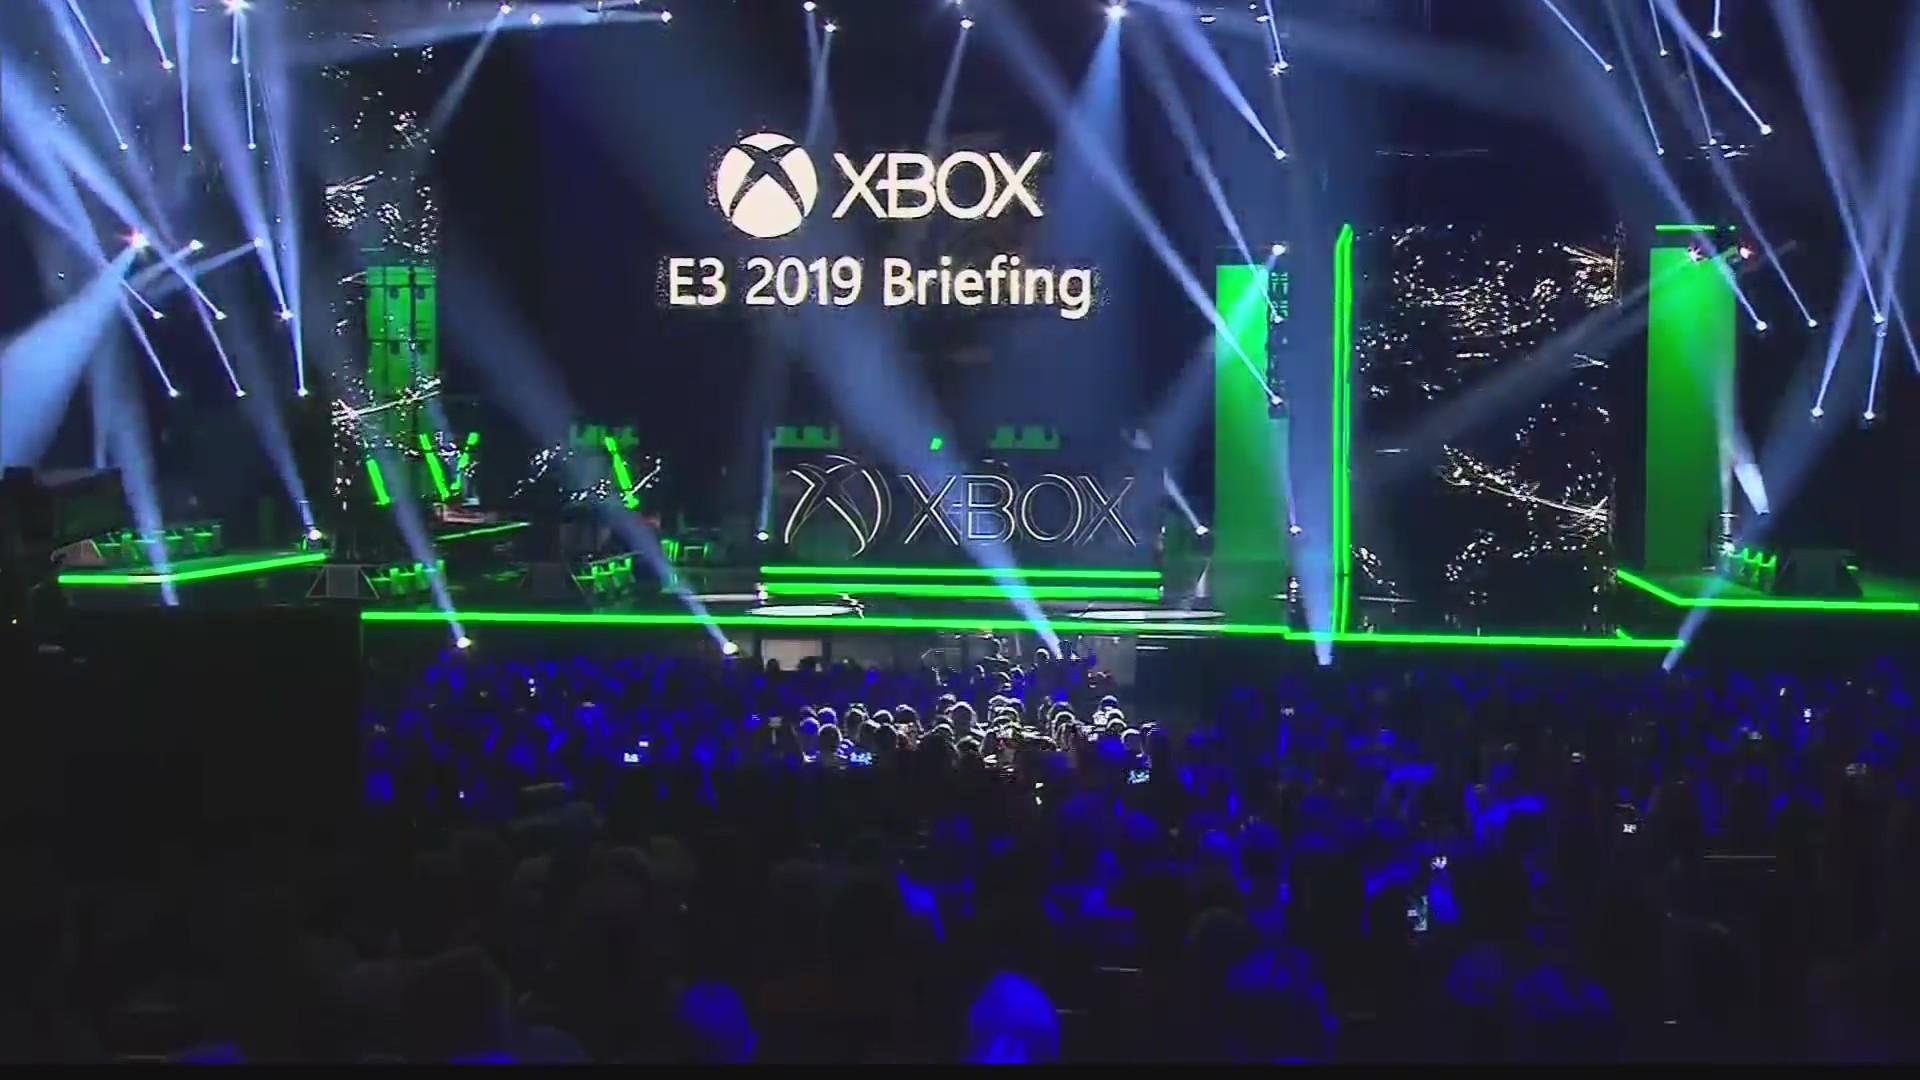 Microsoft_announces_new_X_Box_console_0_20190610140004